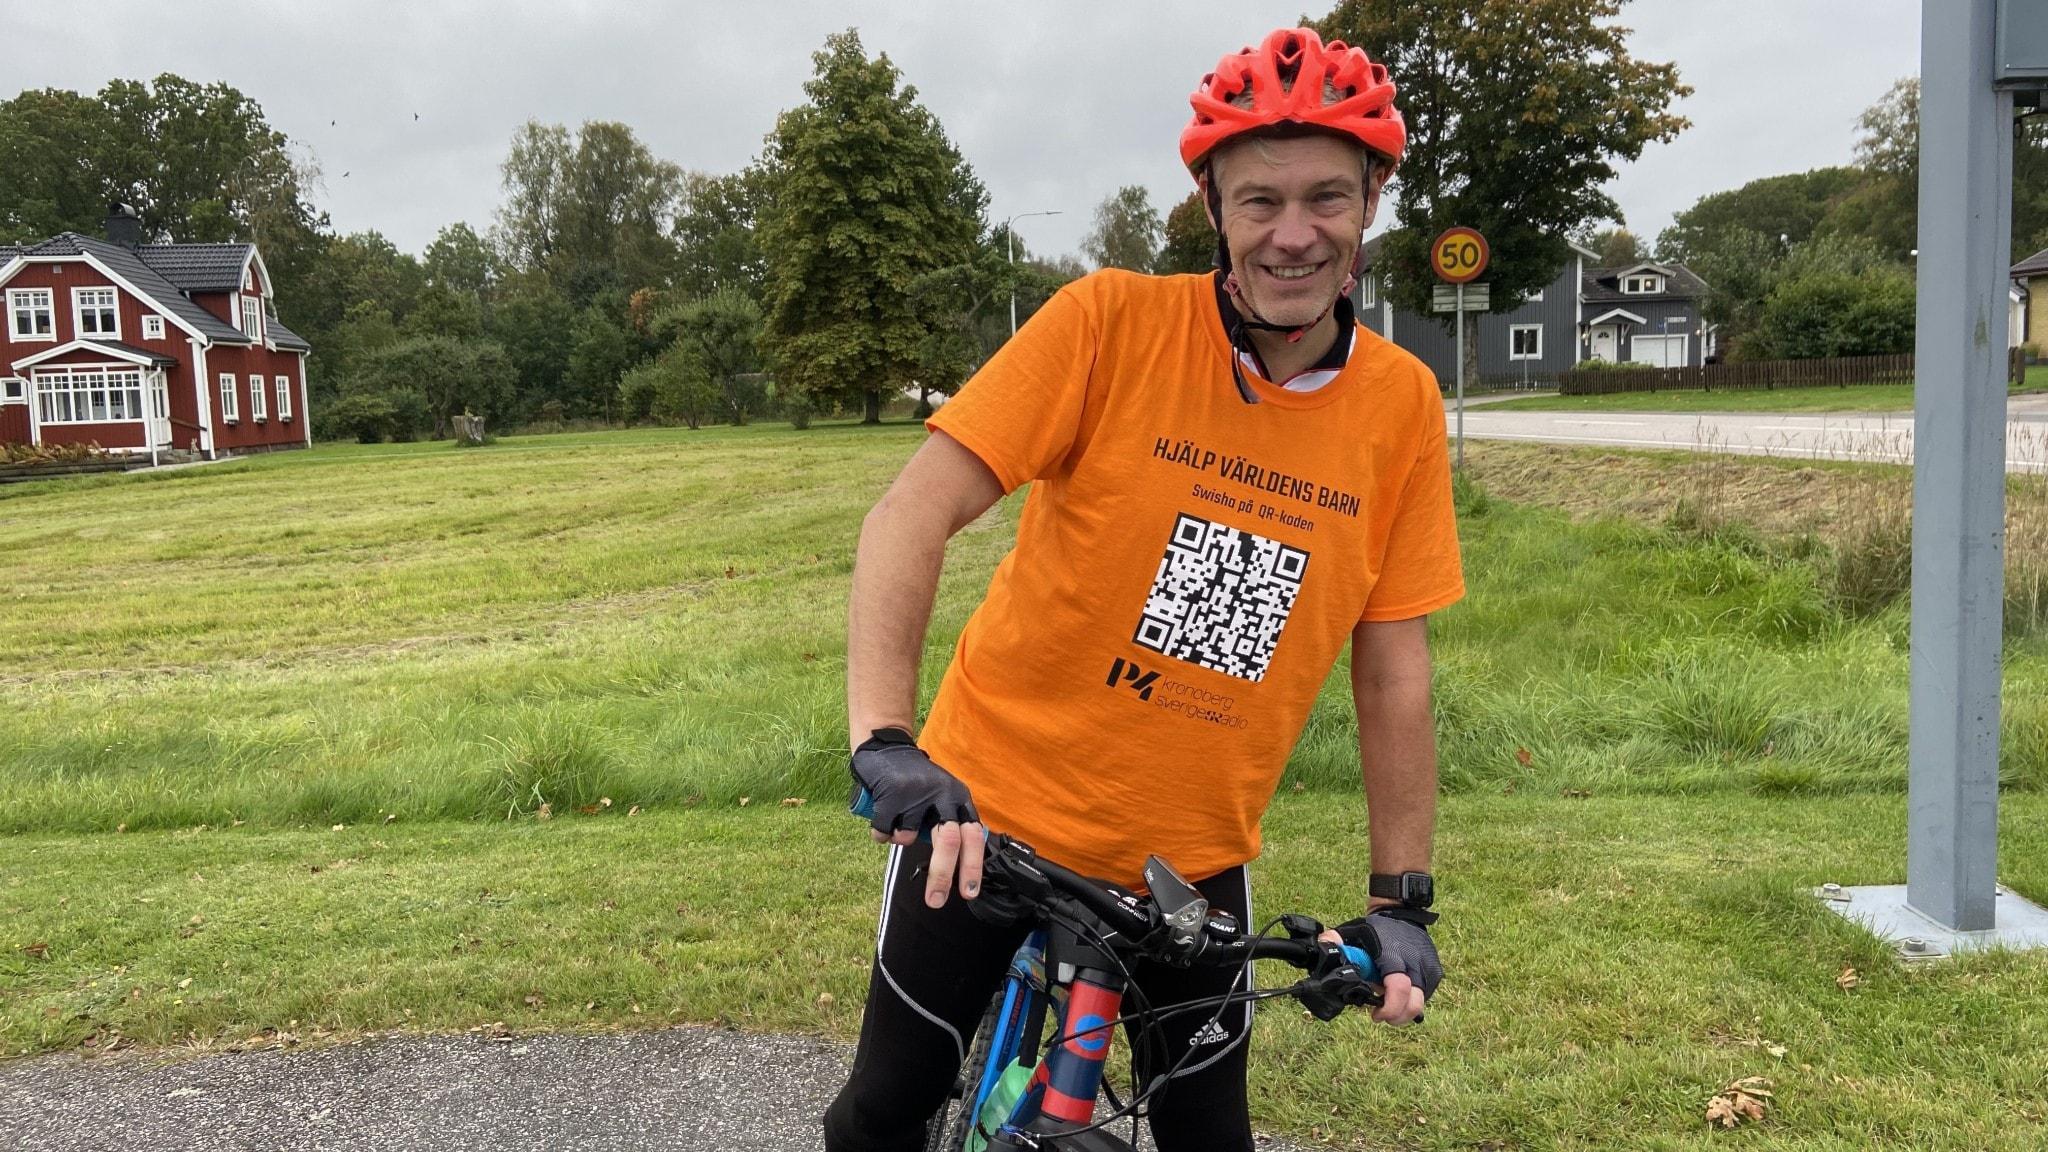 Fredrik B Ekdahl cyklar genom länet under Världens Barn-insamlingen. Han sitter på cykeln och har på sig en orange tröja med information om hur man skänker pengar till insamlingen.